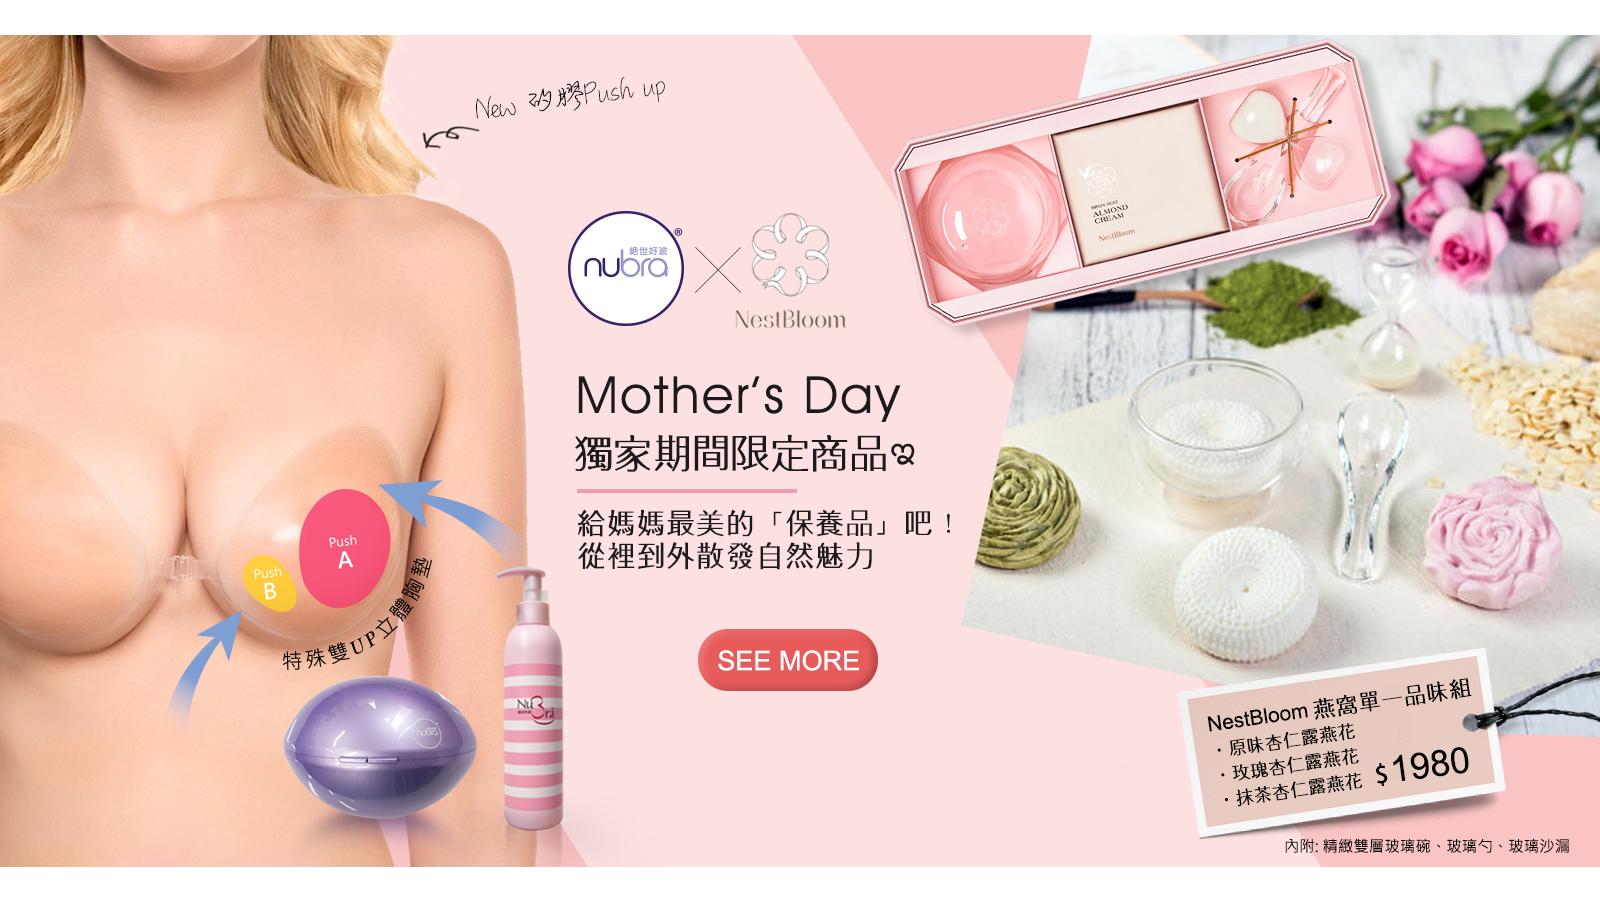 nubra,newbra,絕世好波,隱形胸罩,隱形內衣,母親節,母親節禮盒,送禮,燕窩,燕花,nestbloom,特別母親節